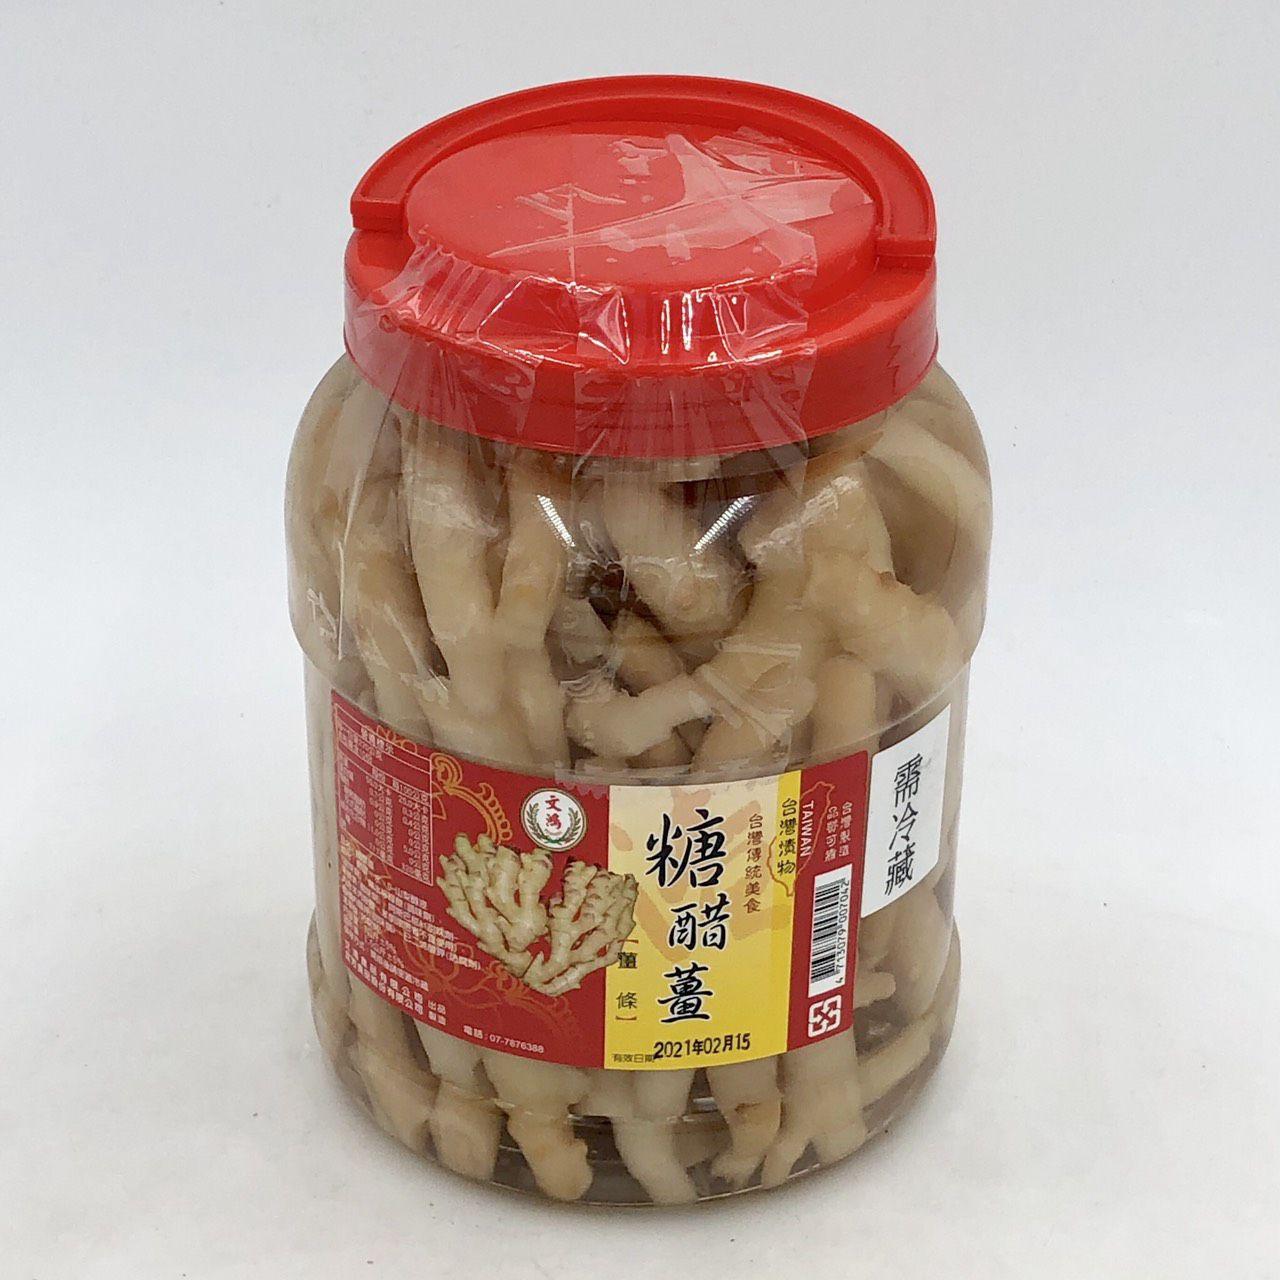 (文鴻)糖醋薑條5斤(全素)